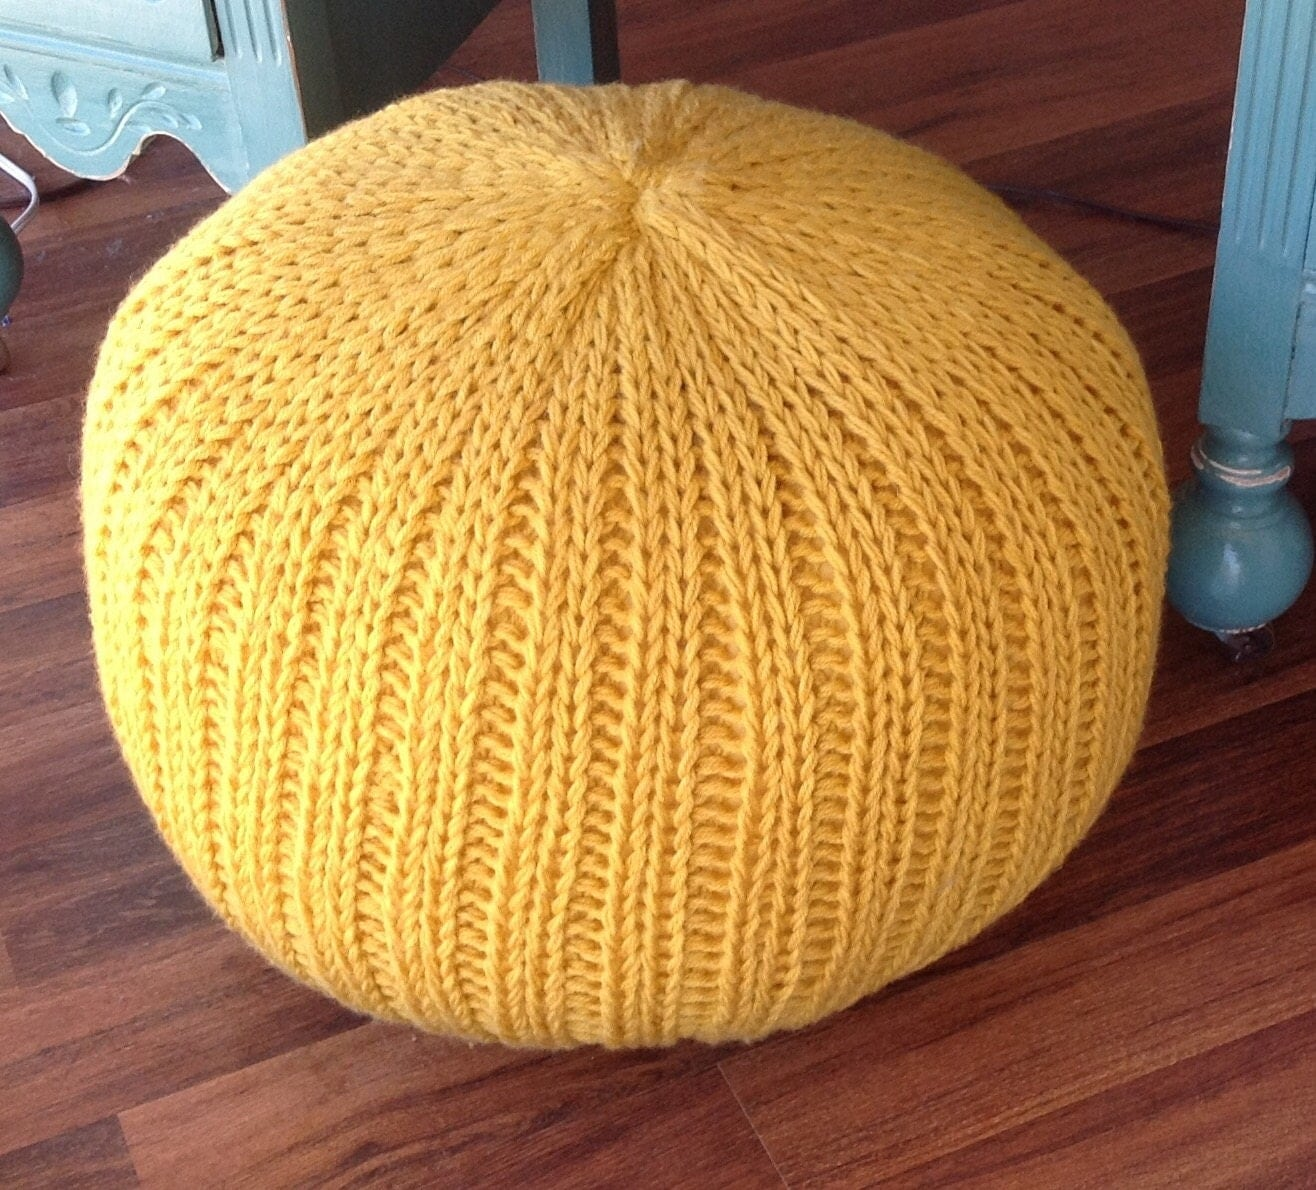 Knitted pillow pouf ottoman mustard yellow - Knitted pouf ottoman pattern ...